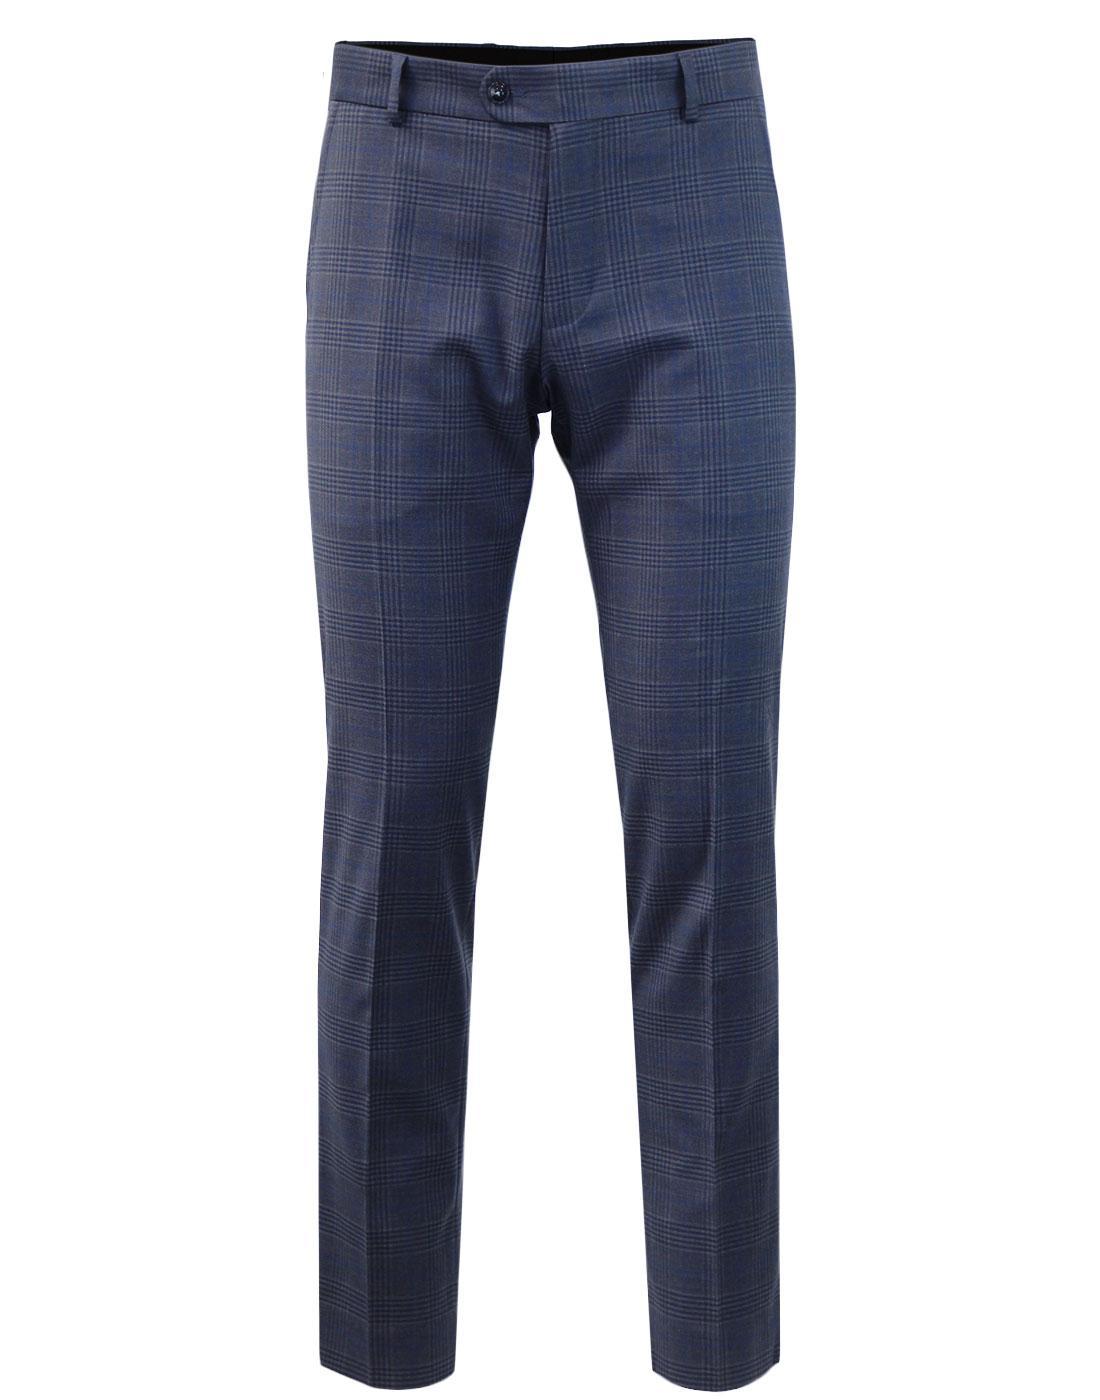 ANTIQUE ROGUE Retro Mod Check Suit Trousers NAVY